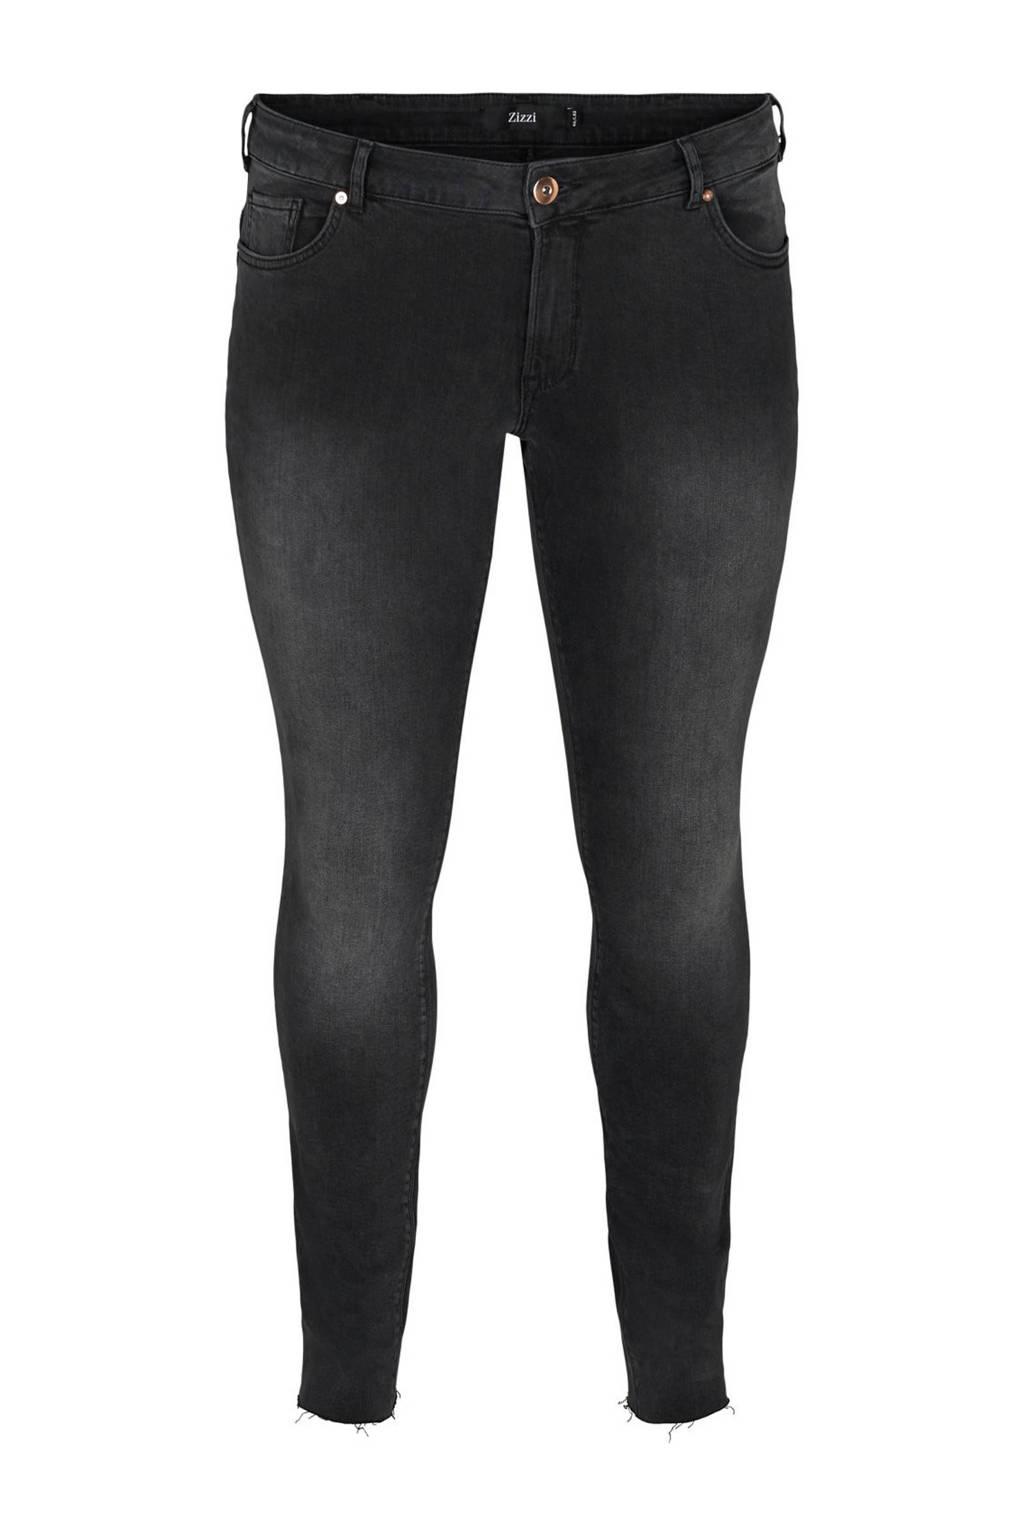 Zizzi skinny jeans Sanna antraciet, Antraciet